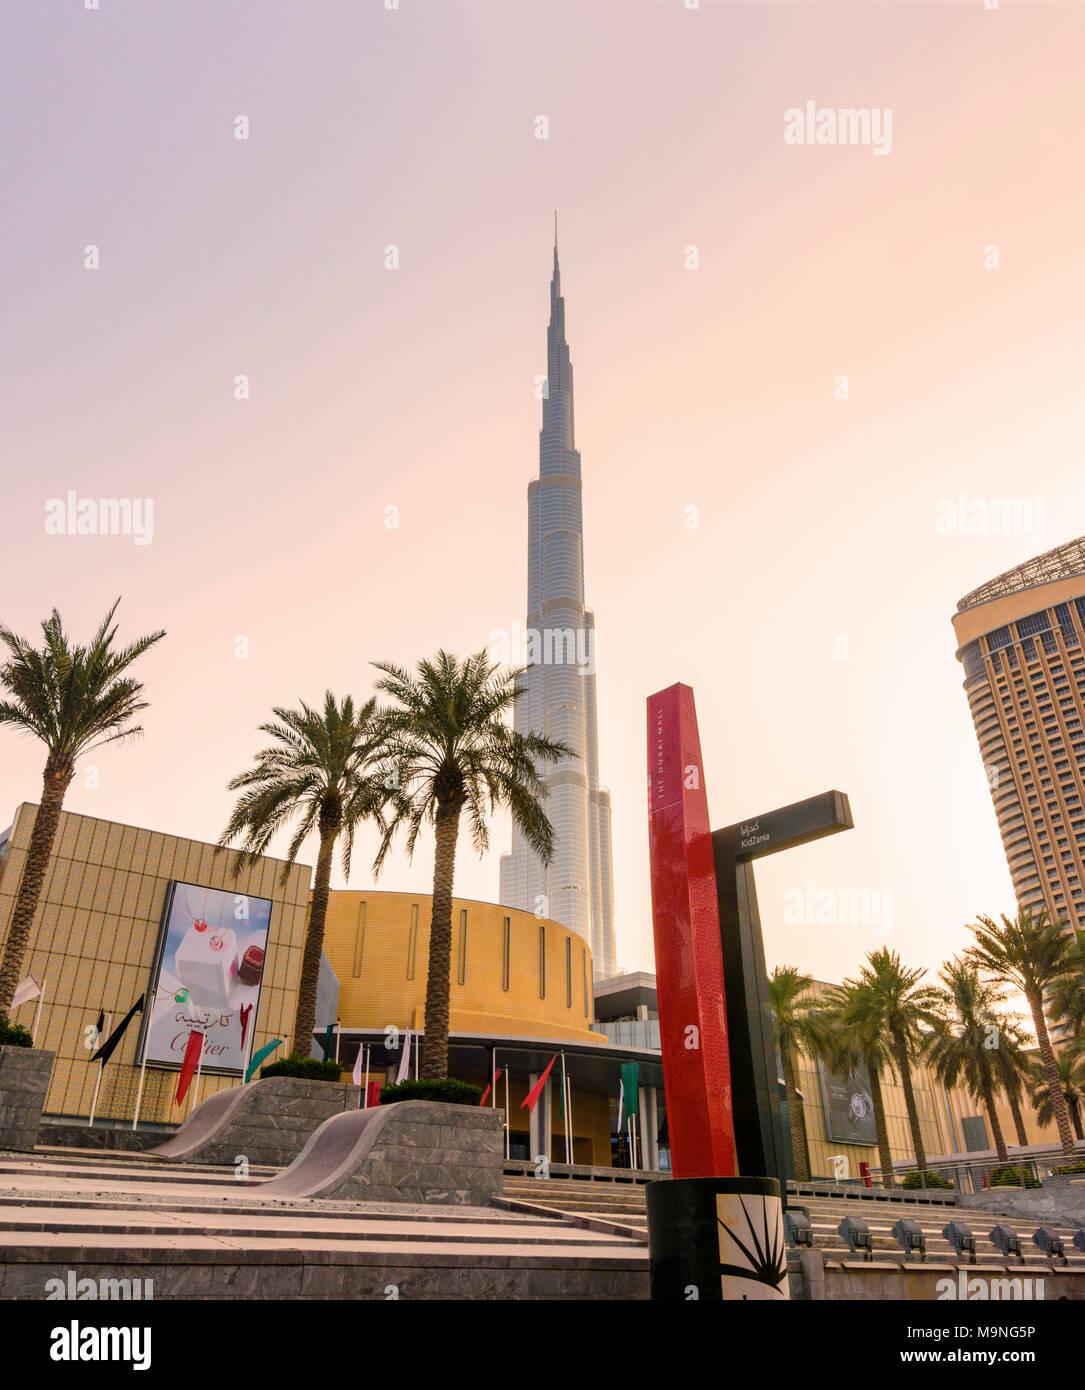 Burj Khalifa and The Dubai Mall, Downtown Dubai, Dubai, United Arab Emirates - Stock Image